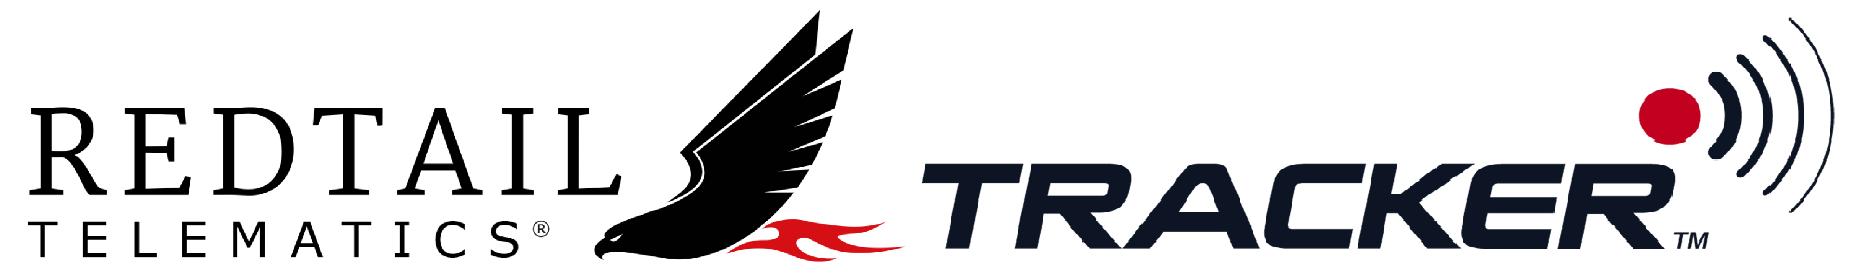 Redtail Telematics - Tracker